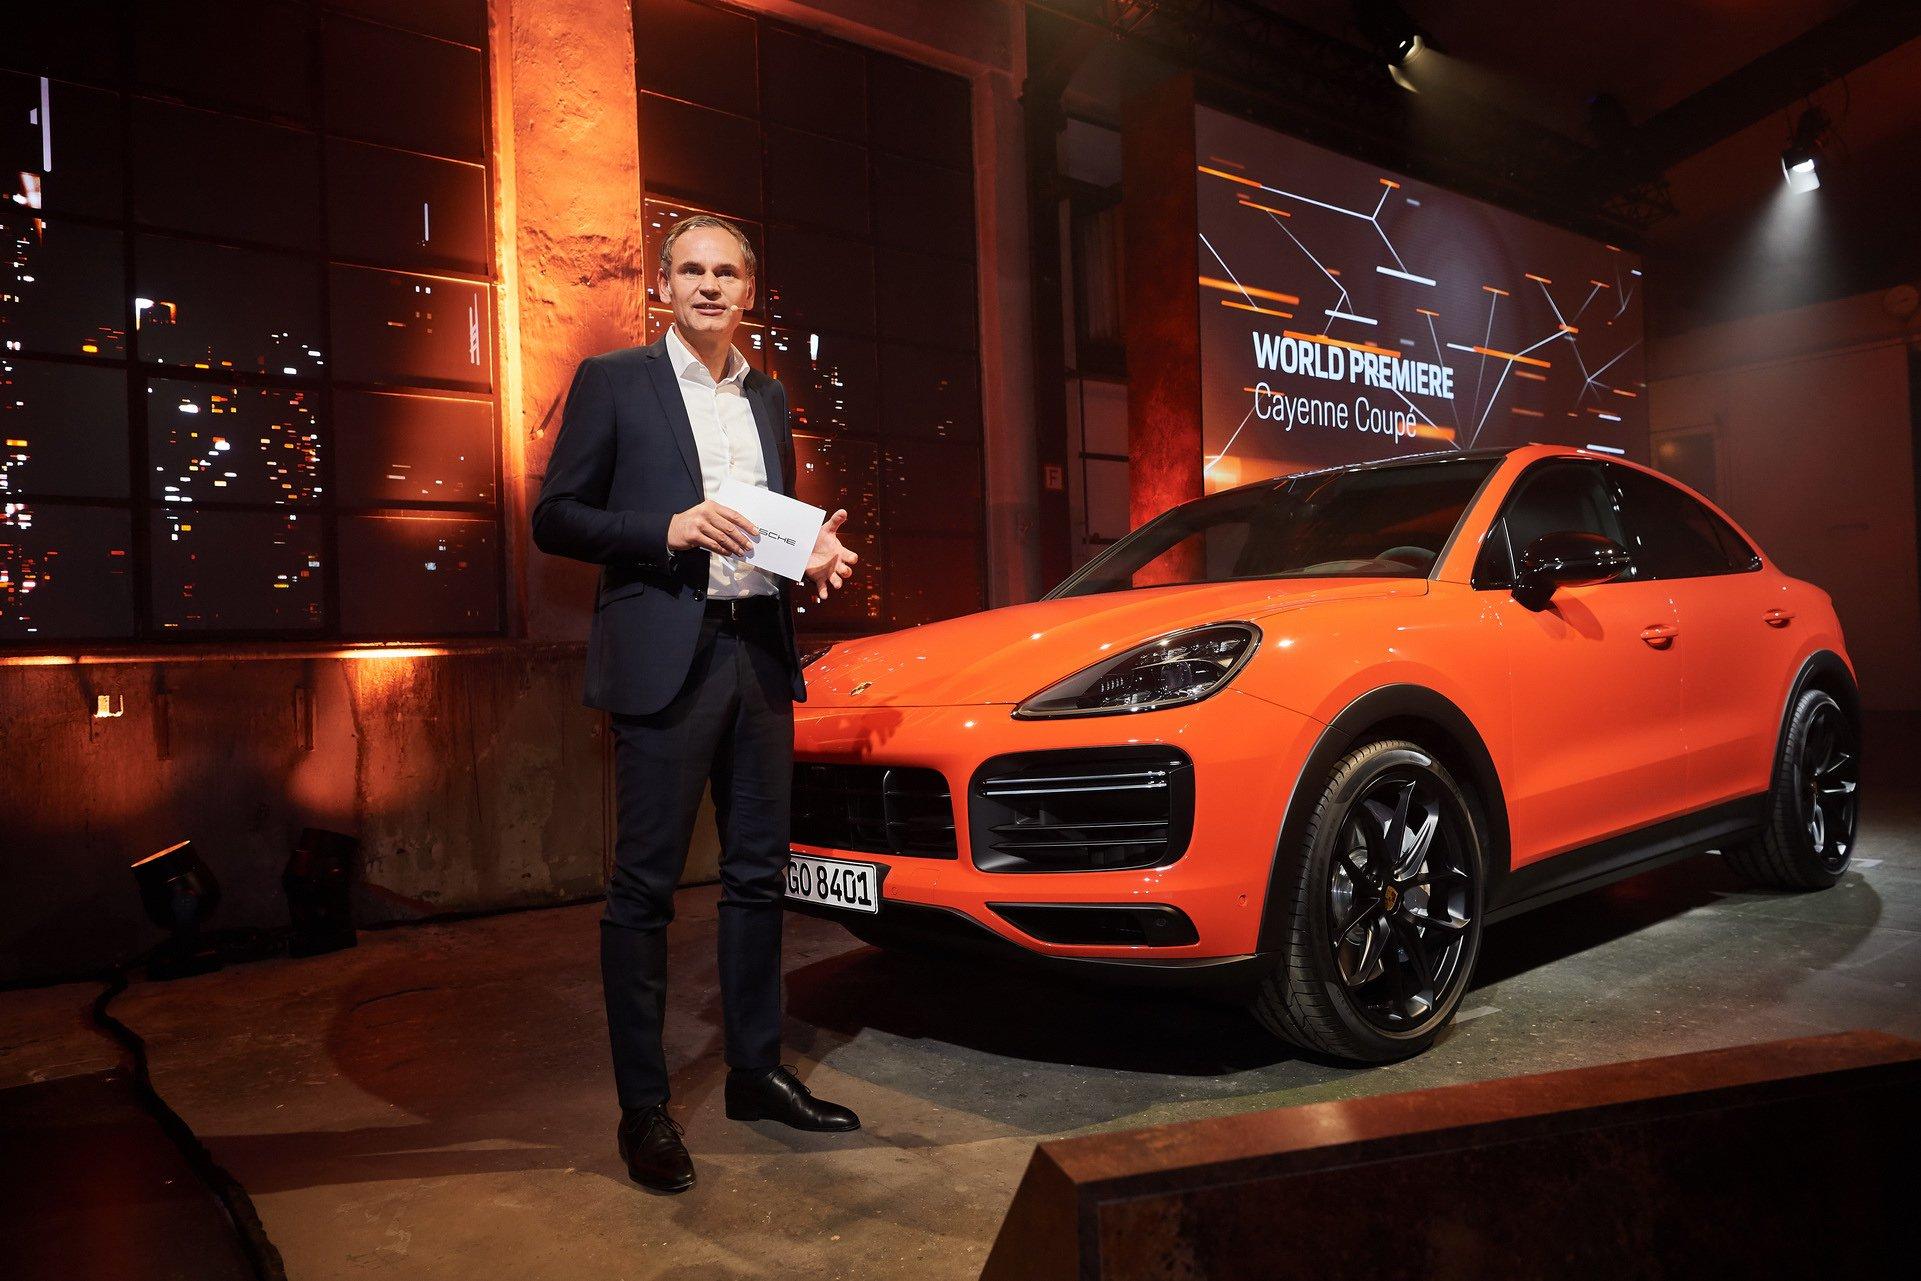 Живые фото и все подробности нового конкурента BMW X6 от Porsche